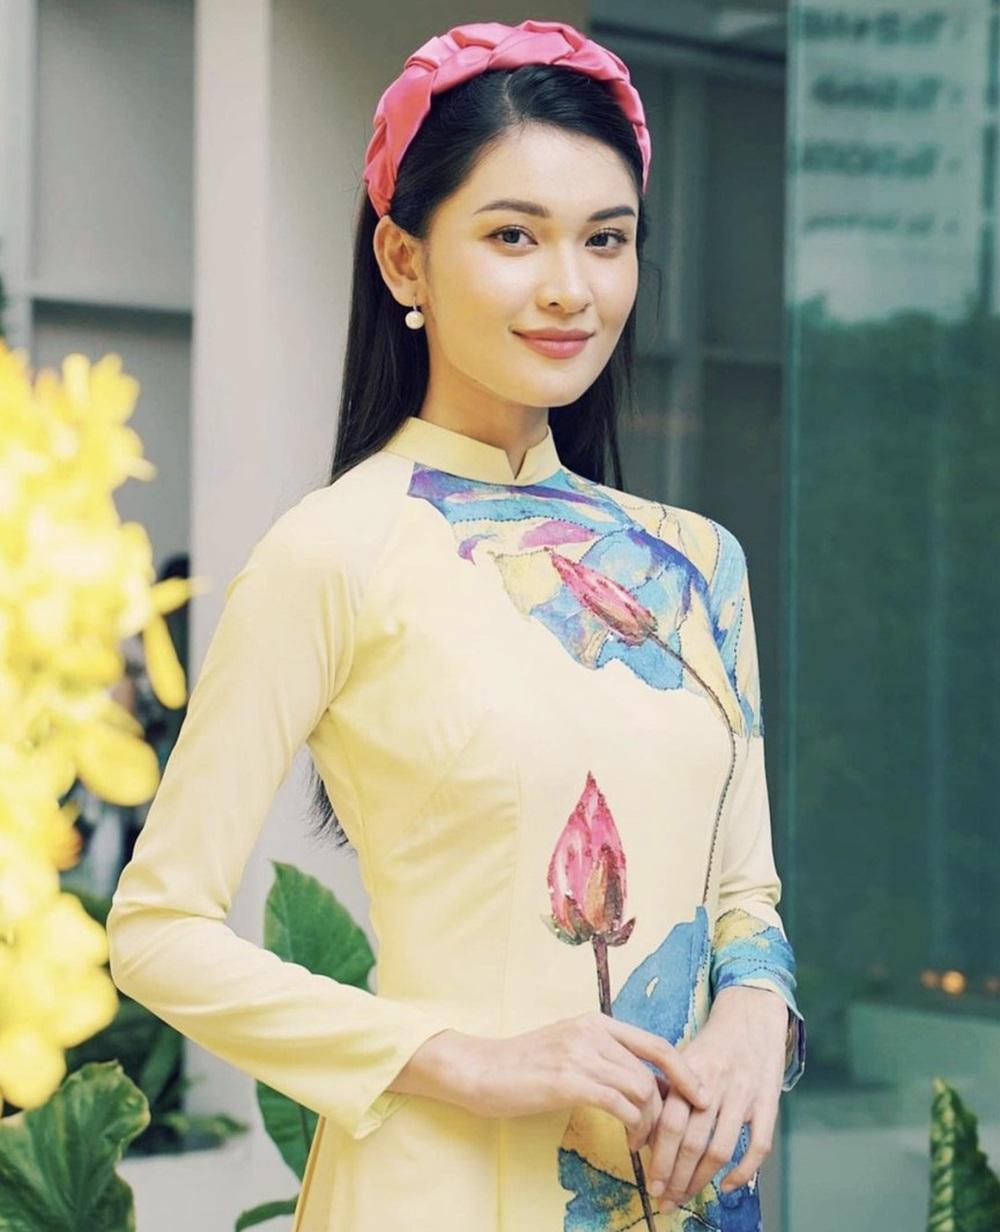 Đỗ Thị Hà và dàn Hoa hậu diện áo dài đầu xuân, ai cũng xinh đẹp ngút ngàn - Ảnh 13.